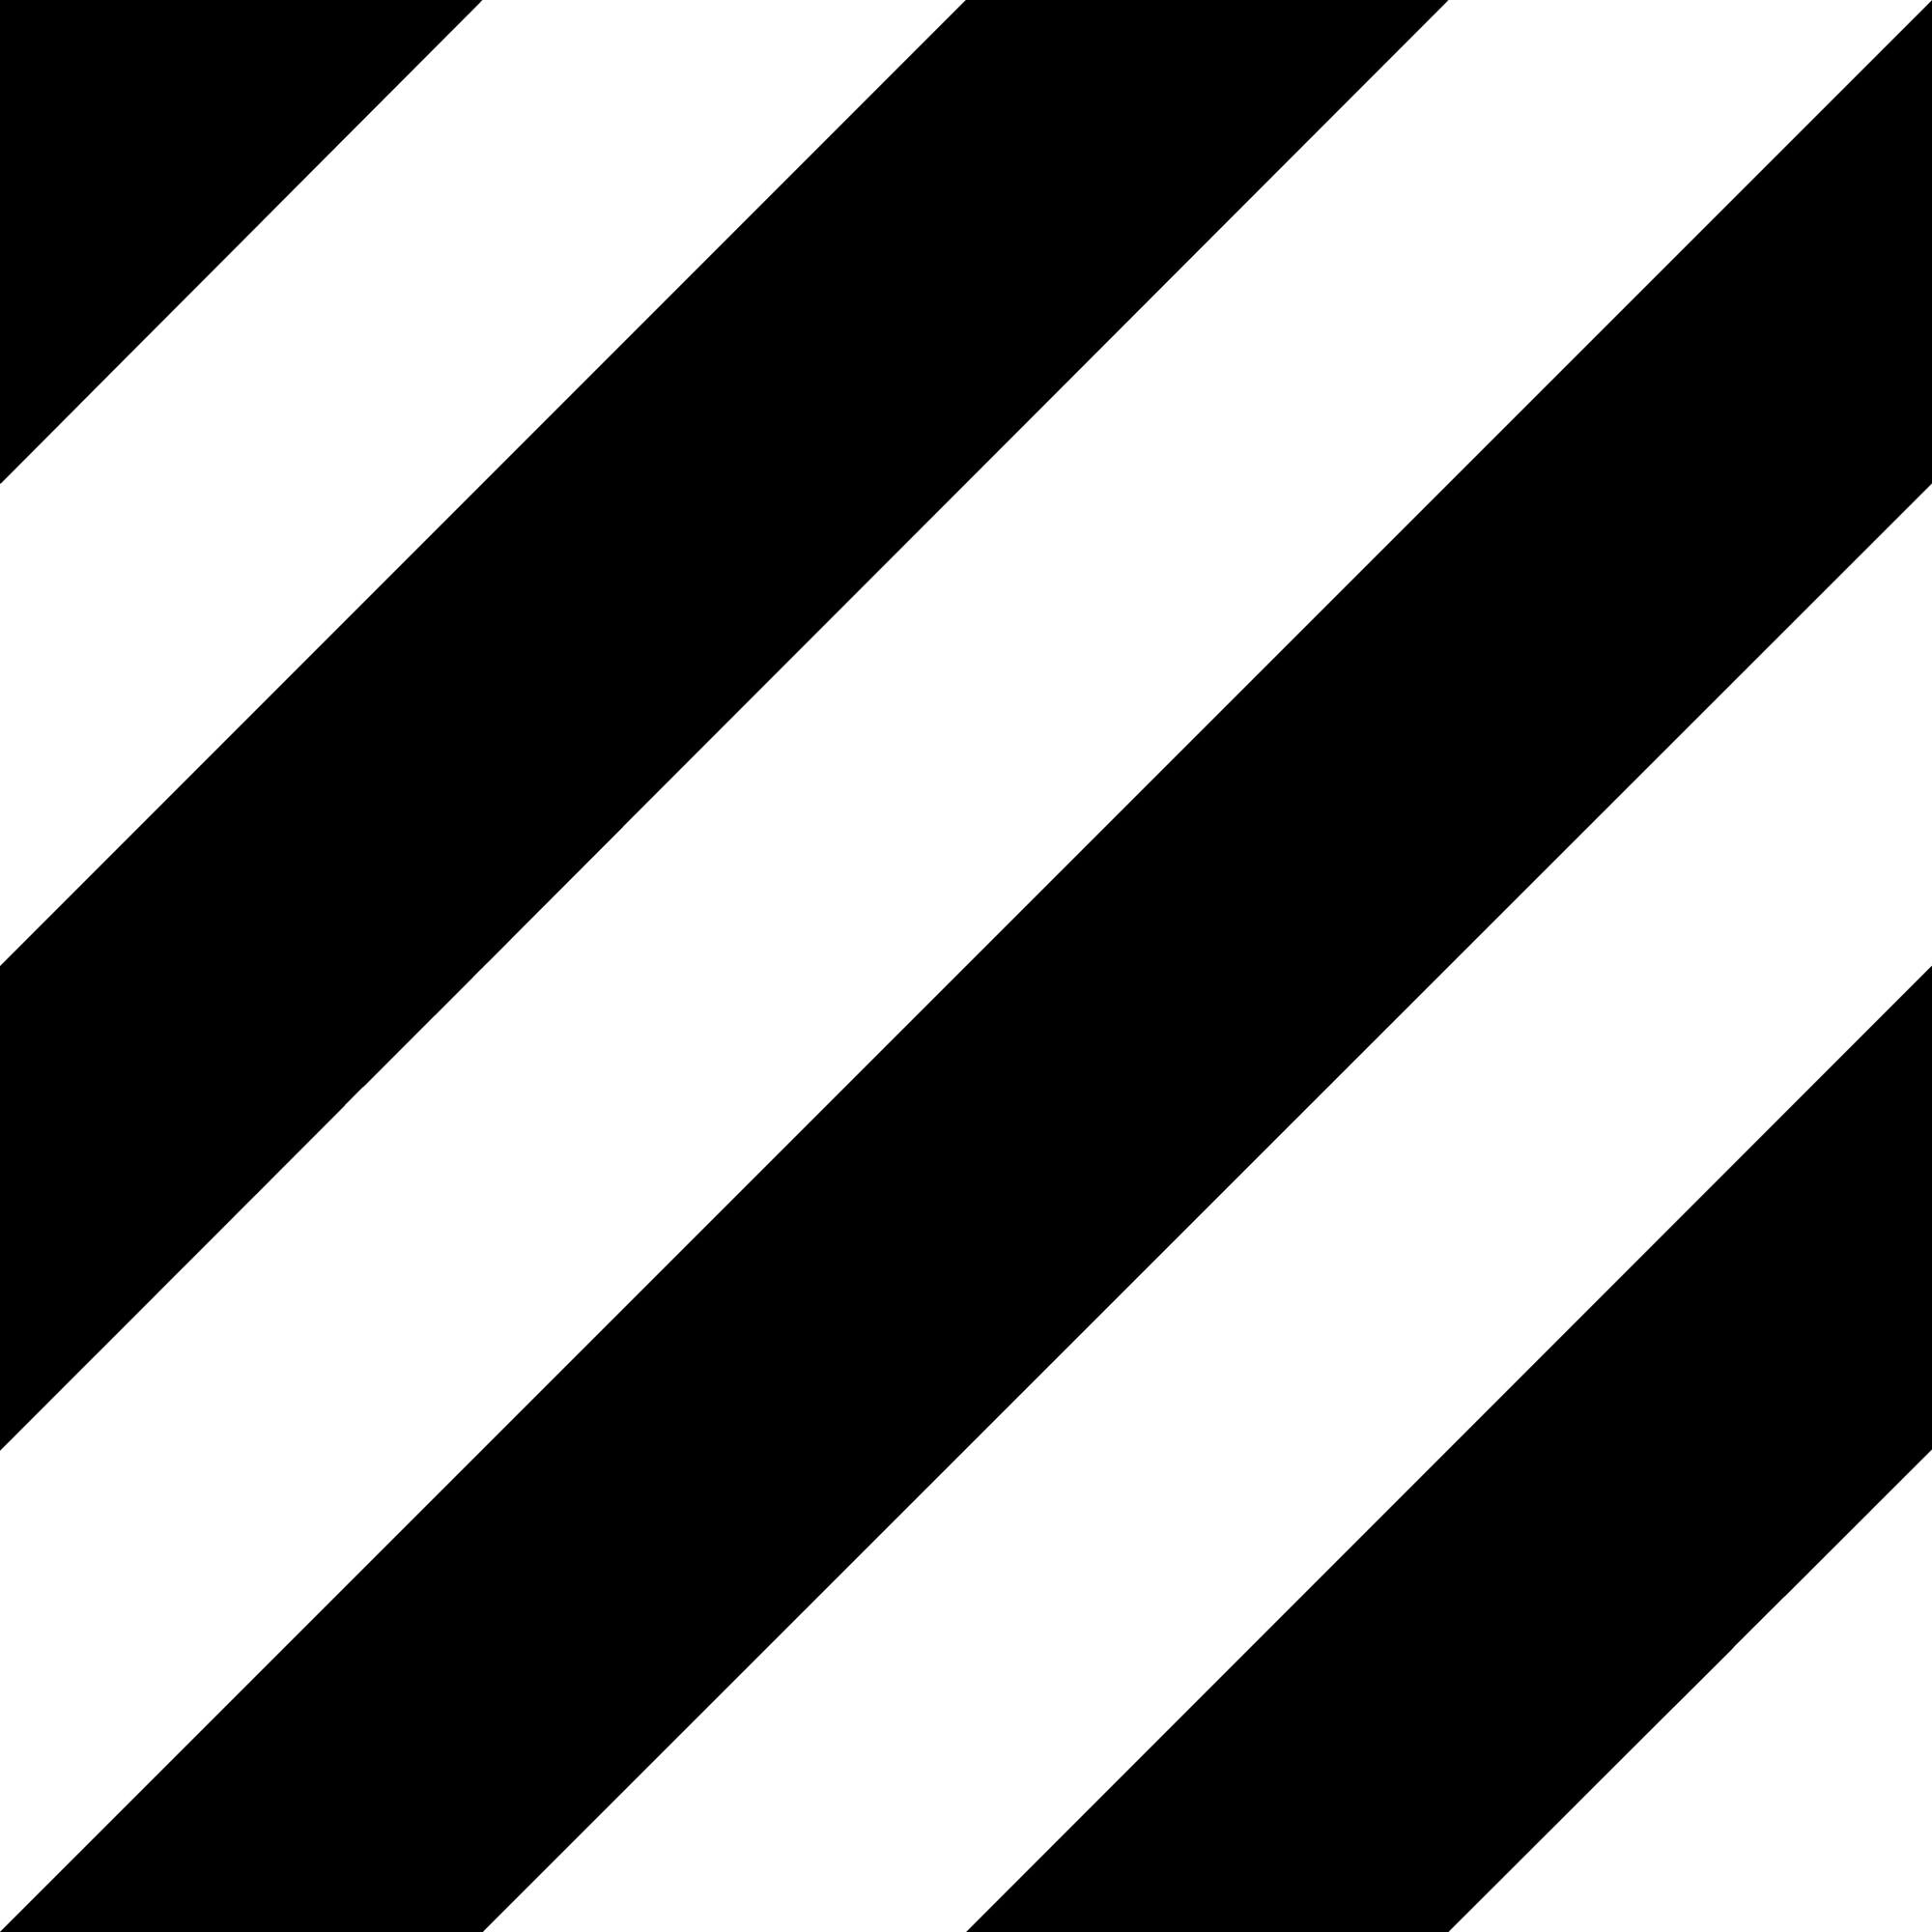 K94845700001VTE0, Retromix, Valkoinen, lattia,pakkasenkesto,uimahalli